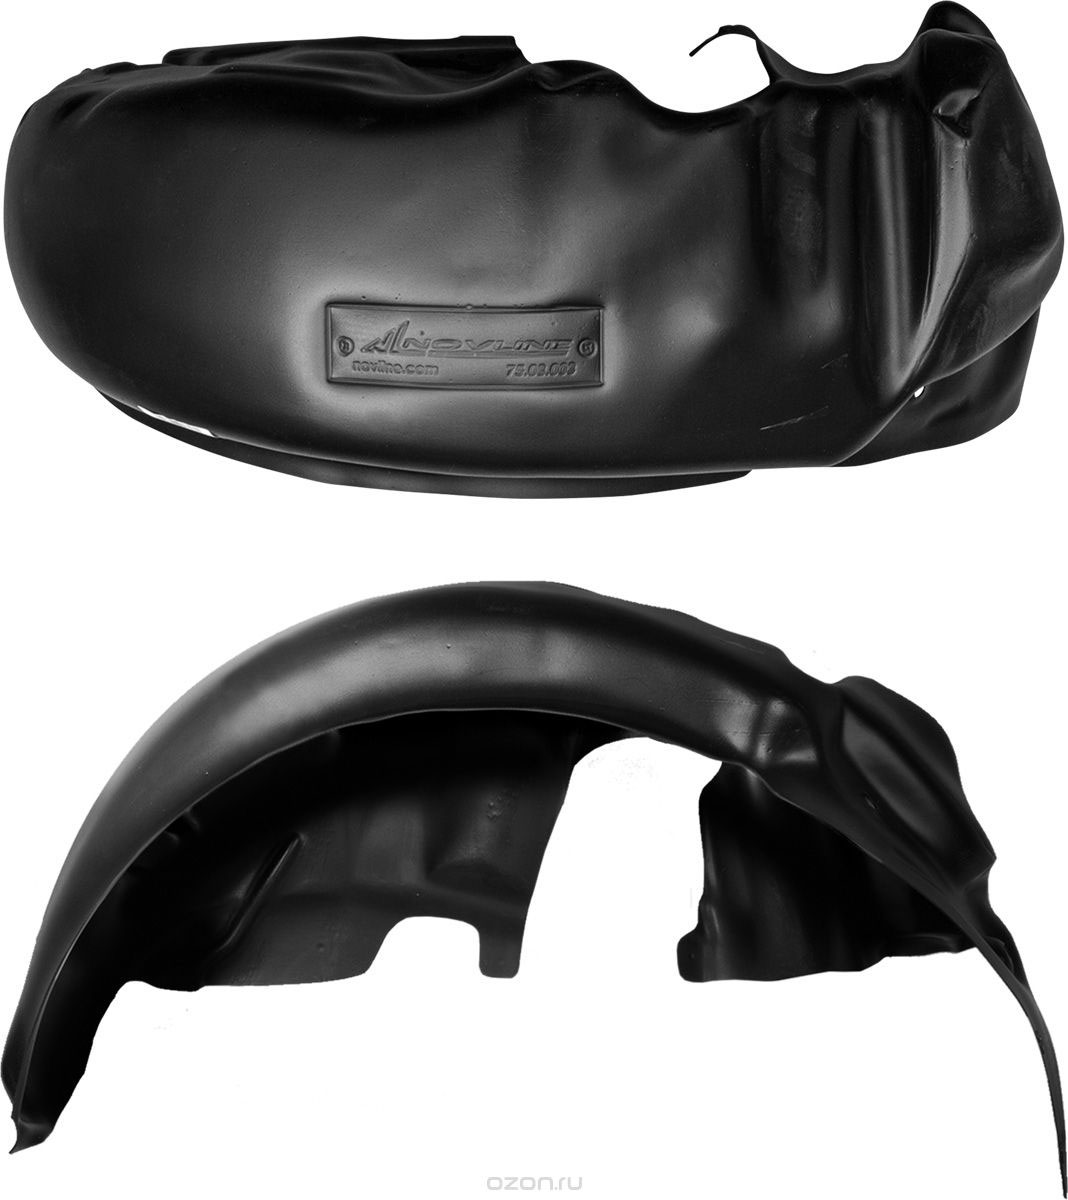 Подкрылок Novline-Autofamily, для HYUNDAI i30 2007-2011, передний правыйNLL.20.28.002Идеальная защита колесной ниши. Локеры разработаны с применением цифровых технологий, гарантируют максимальную повторяемость поверхности арки. Изделия устанавливаются без нарушения лакокрасочного покрытия автомобиля, каждый подкрылок комплектуется крепежом. Уважаемые клиенты, обращаем ваше внимание, что фотографии на подкрылки универсальные и не отражают реальную форму изделия. При этом само изделие идет точно под размер указанного автомобиля.